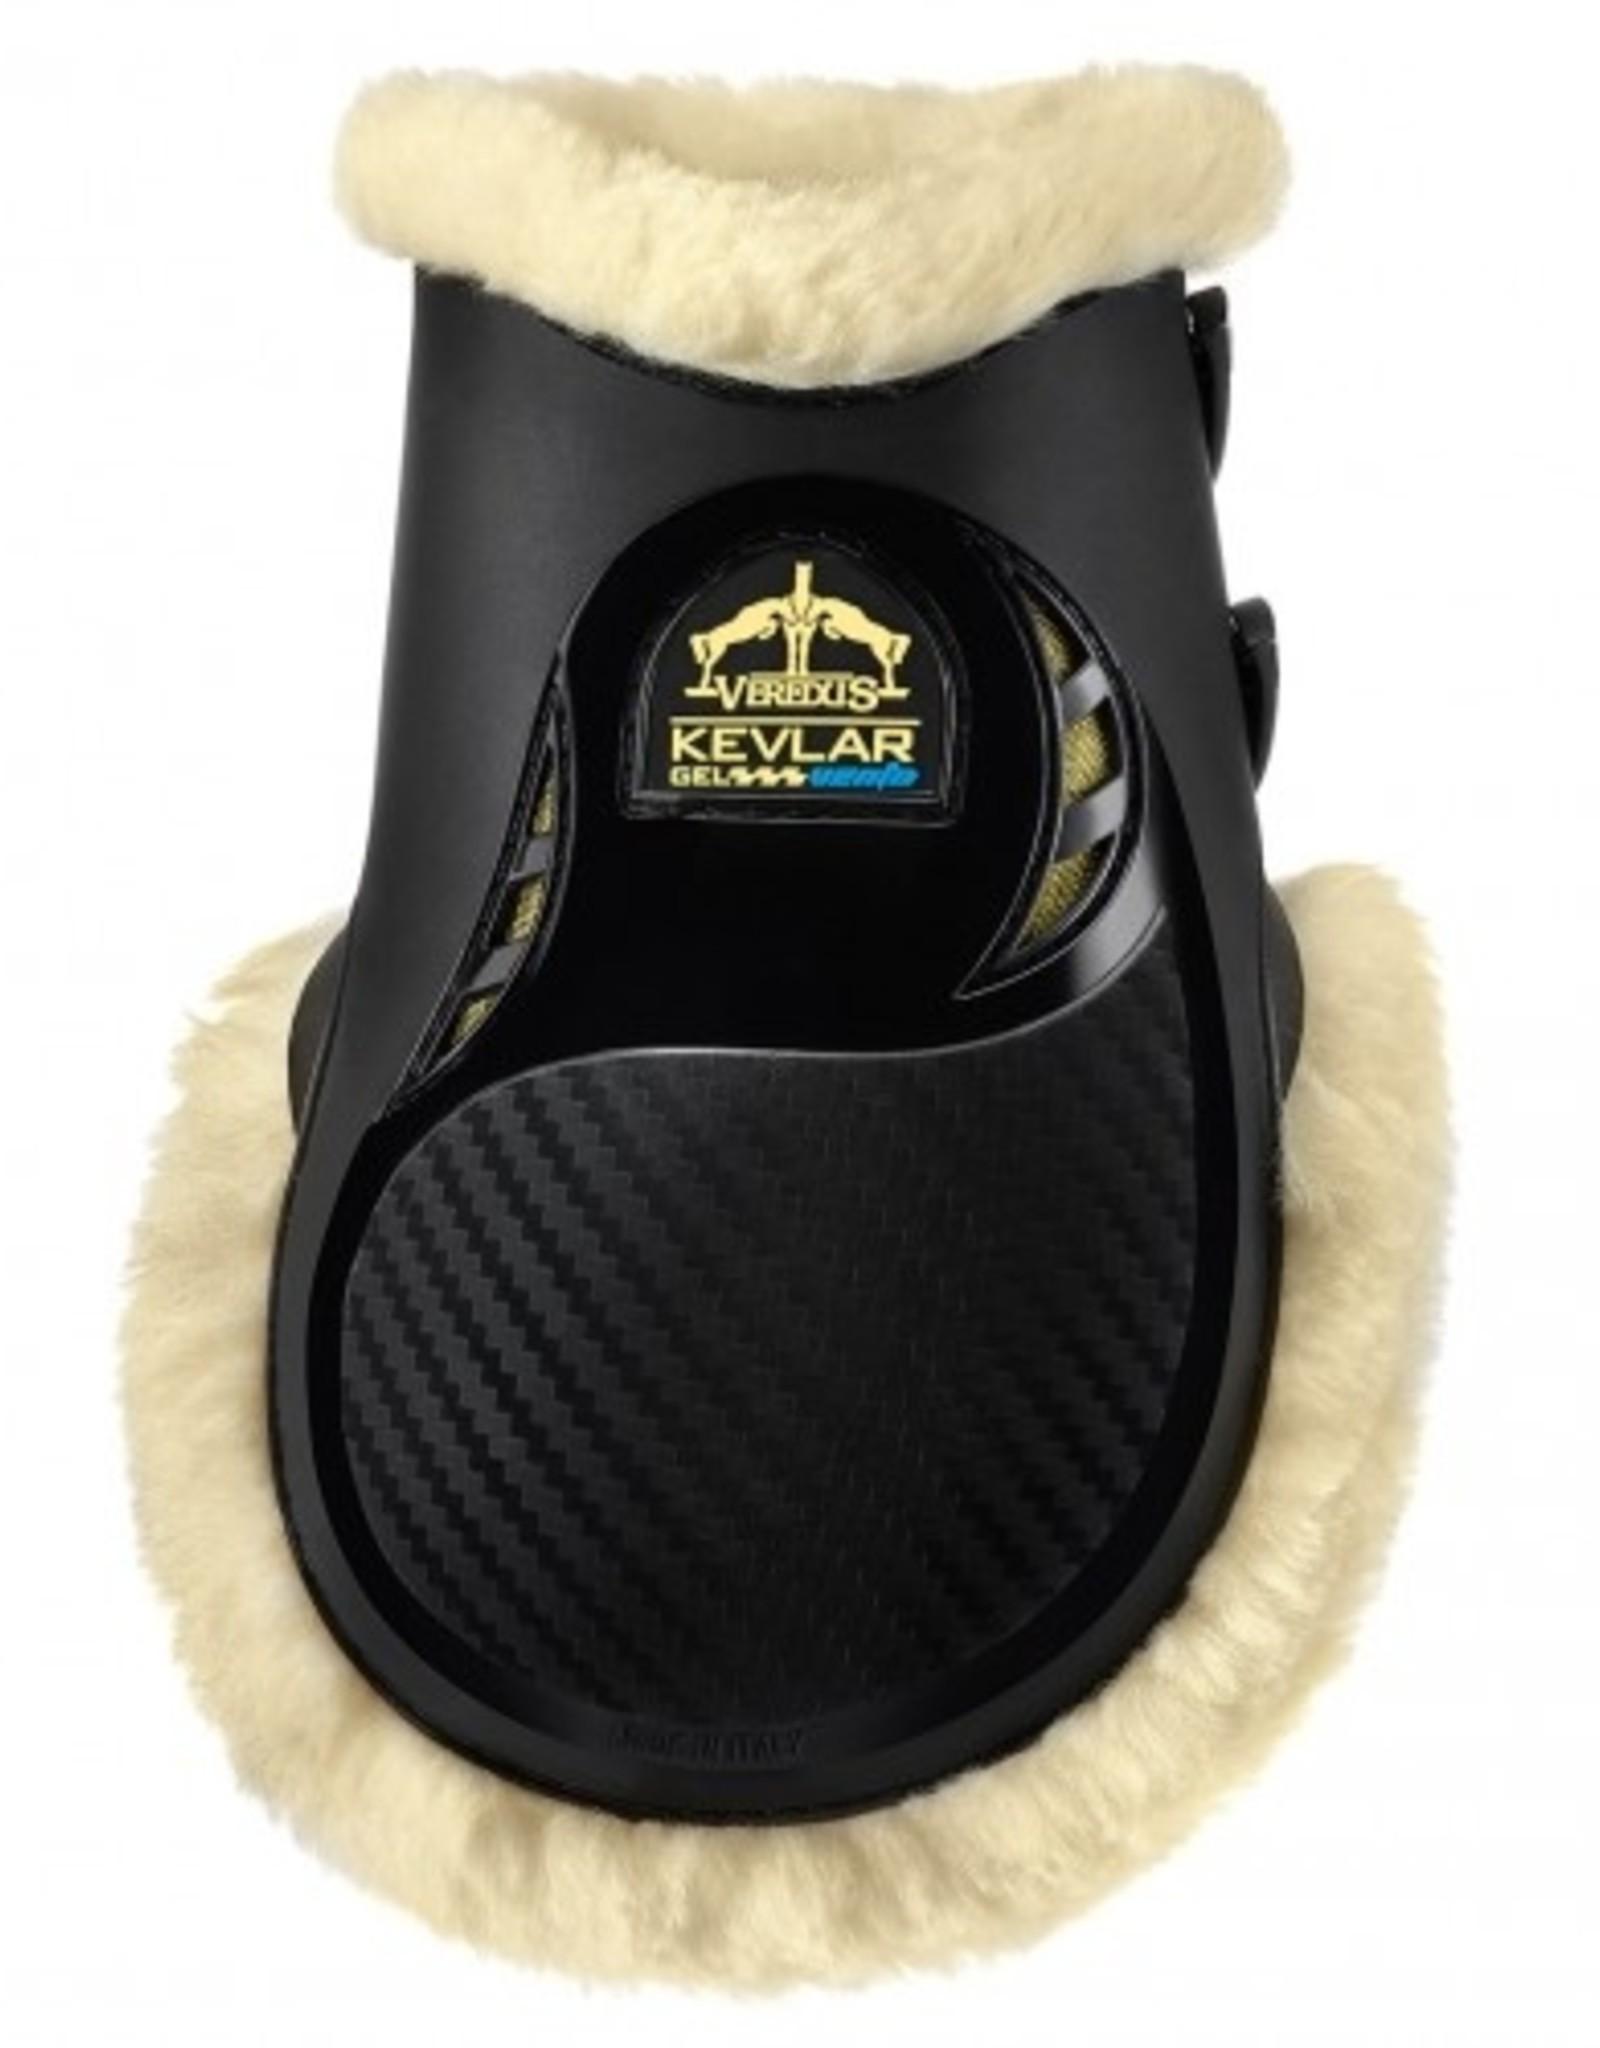 Veredus STS Kevlar Gel Vento Ankle Boots